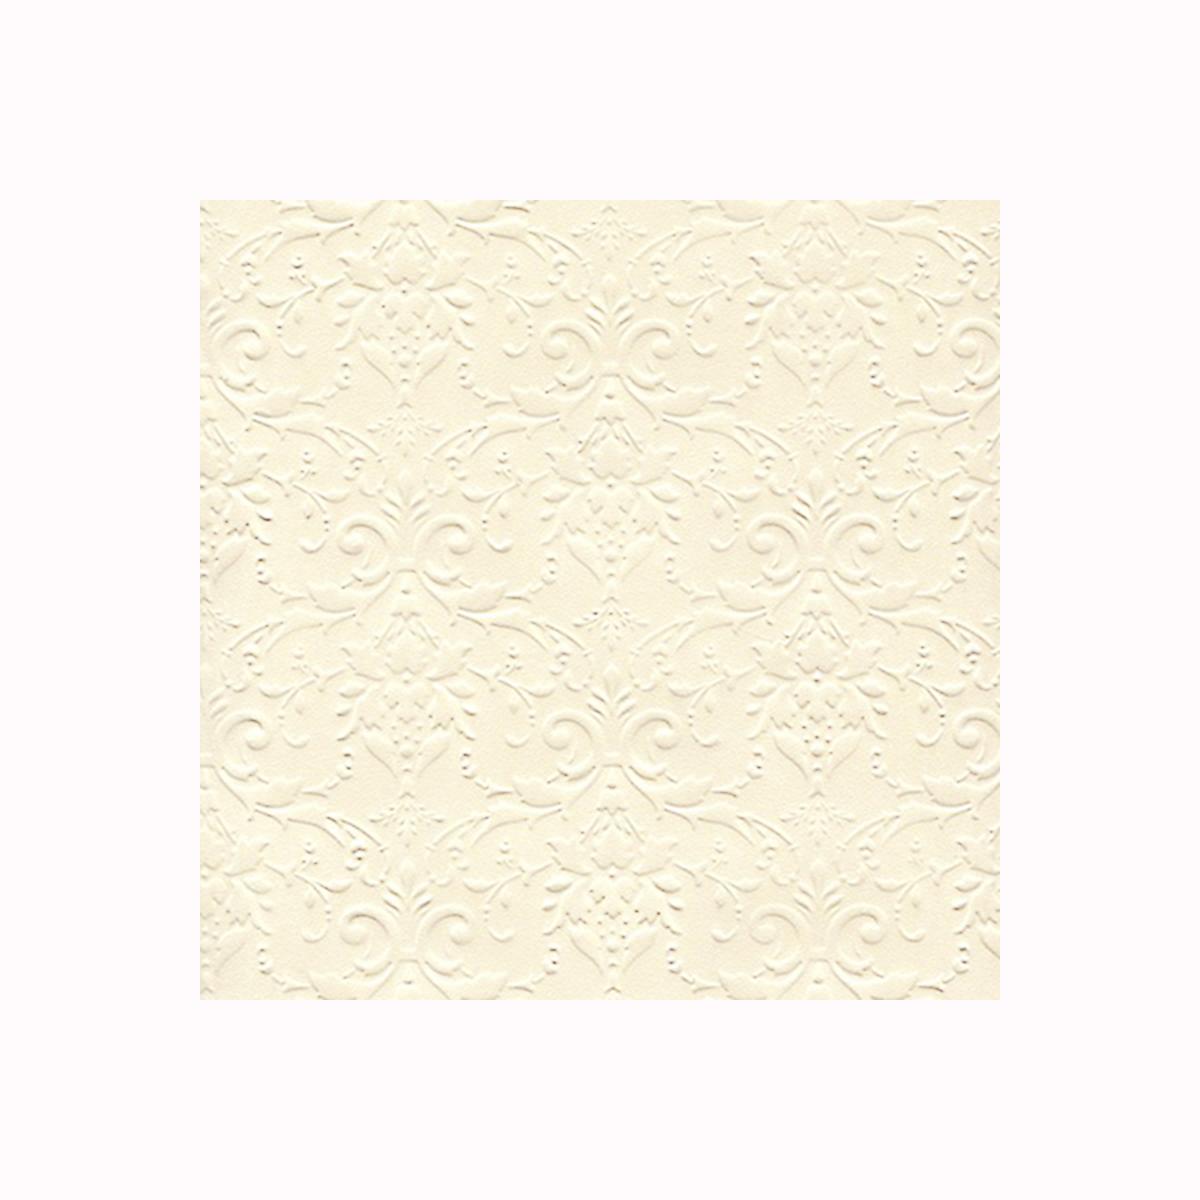 Бумага фактурная Лоза Дамасский узор, цвет: слоновая кость, 3 листаNLED-454-9W-BKФактурная бумага для скрапбукинга Лоза Дамасский узор позволит создать красивый альбом, фоторамку или открытку ручной работы, оформить подарок или аппликацию. Набор включает в себя 3 листа из плотной бумаги. Скрапбукинг - это хобби, которое способно приносить массу приятных эмоций не только человеку, который этим занимается, но и его близким, друзьям, родным. Это невероятно увлекательное занятие, которое поможет вам сохранить наиболее памятные и яркие моменты вашей жизни, а также интересно оформить интерьер дома.Плотность бумаги: 200 г/м2.